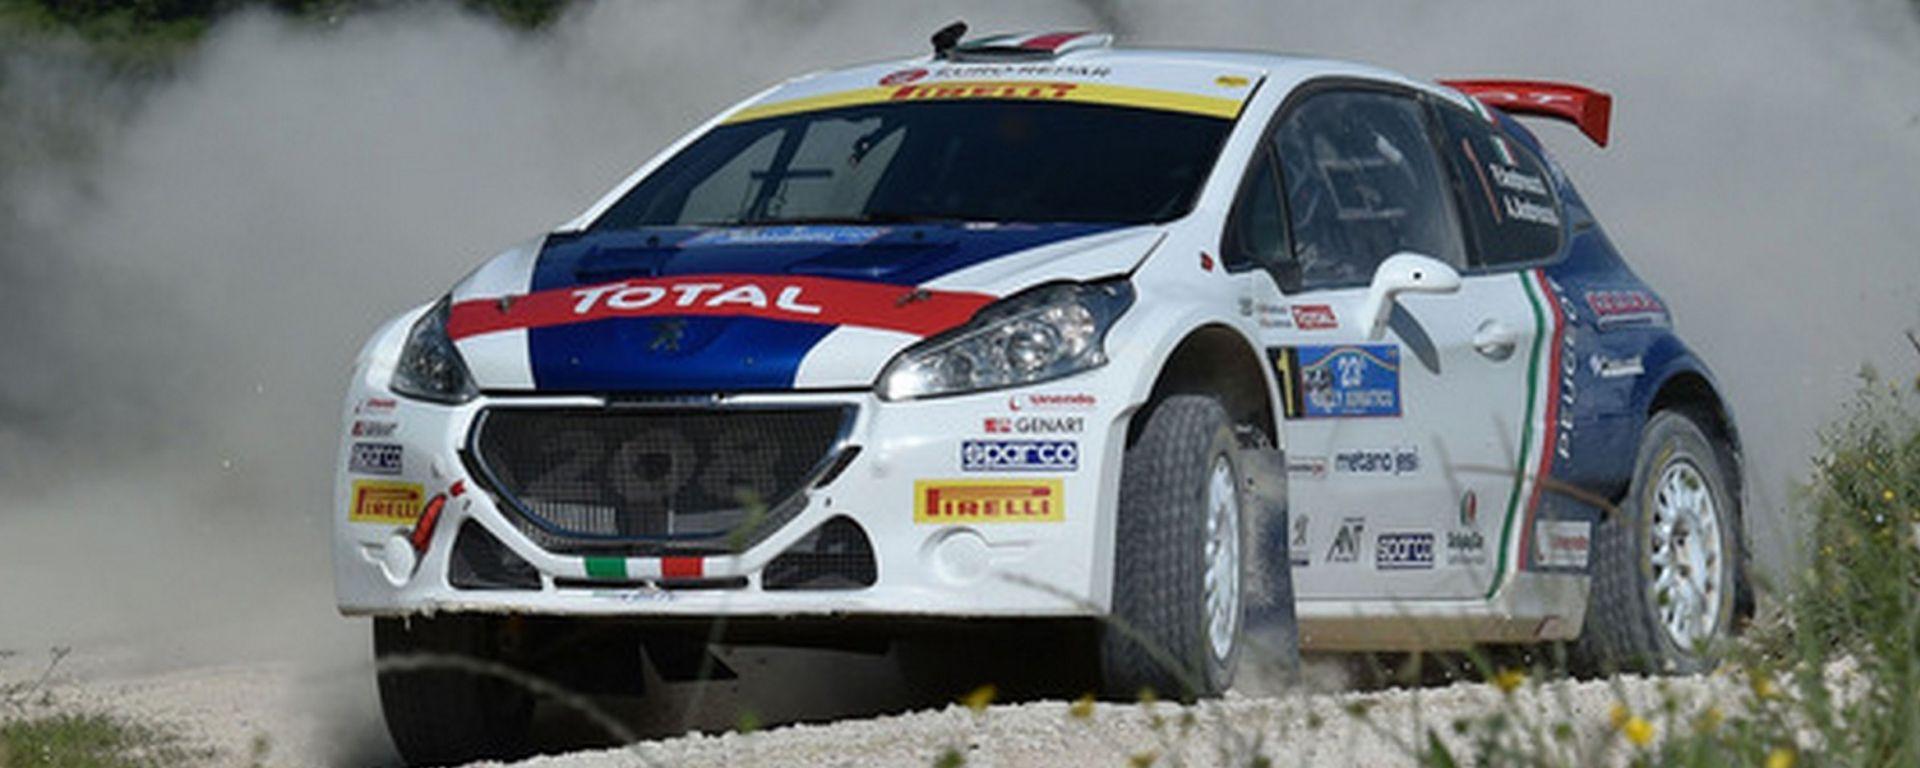 Rally Adriatico: Scandola domina anche in gara 2